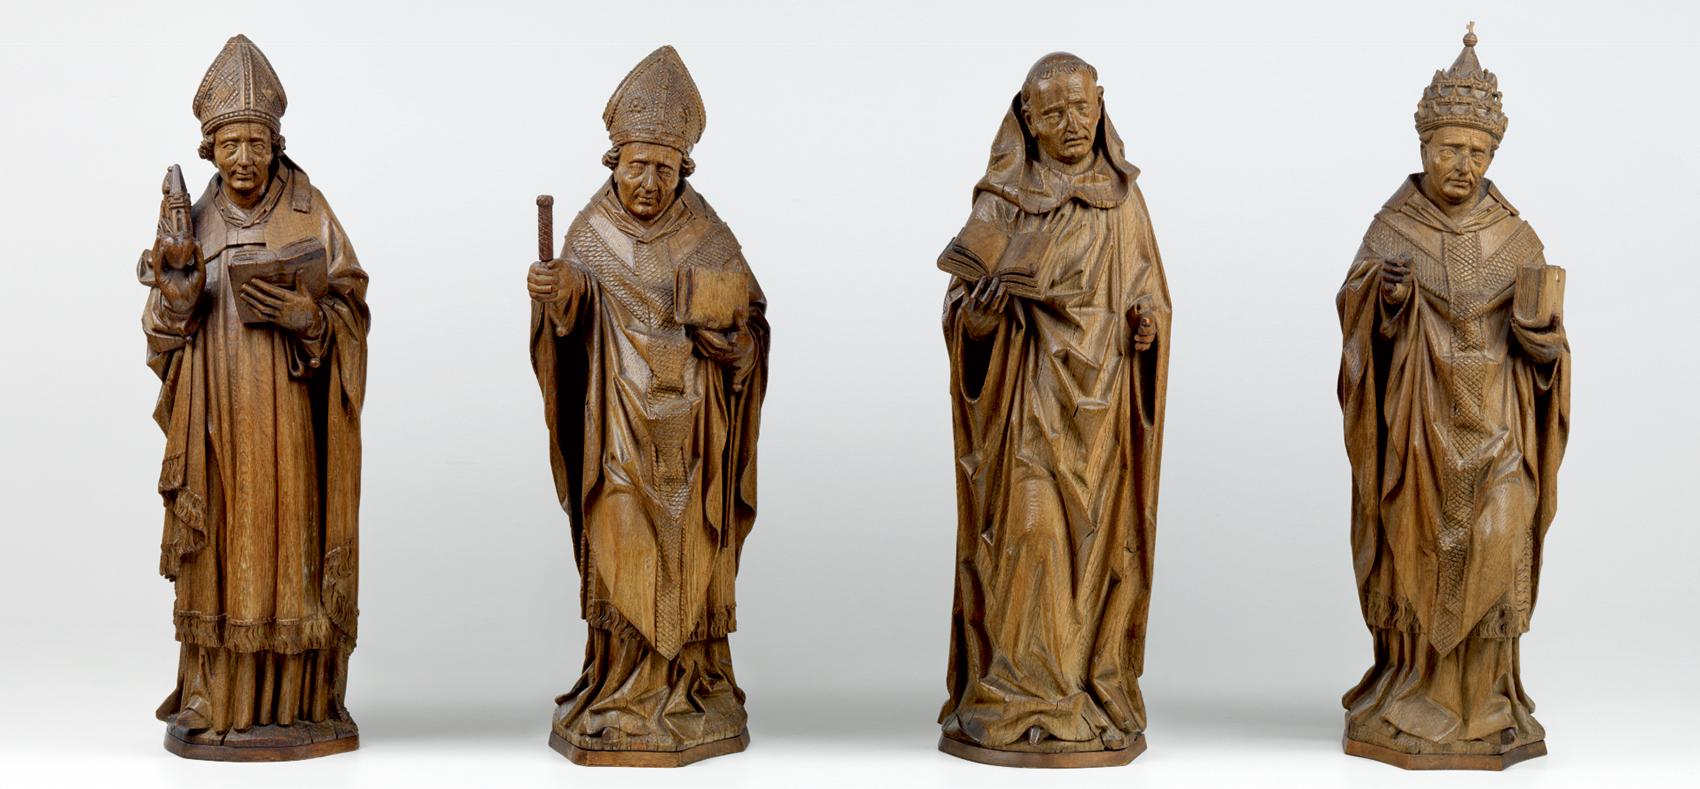 アルント・ファン・ズヴォレ(推定)「四大ラテン教父(聖アウグスティヌス、聖アンブロシウス、聖ヒエロニムス、聖グレゴリウス)」1480年 オーク材 Museum BVB, Rotterdam, the Netherlands